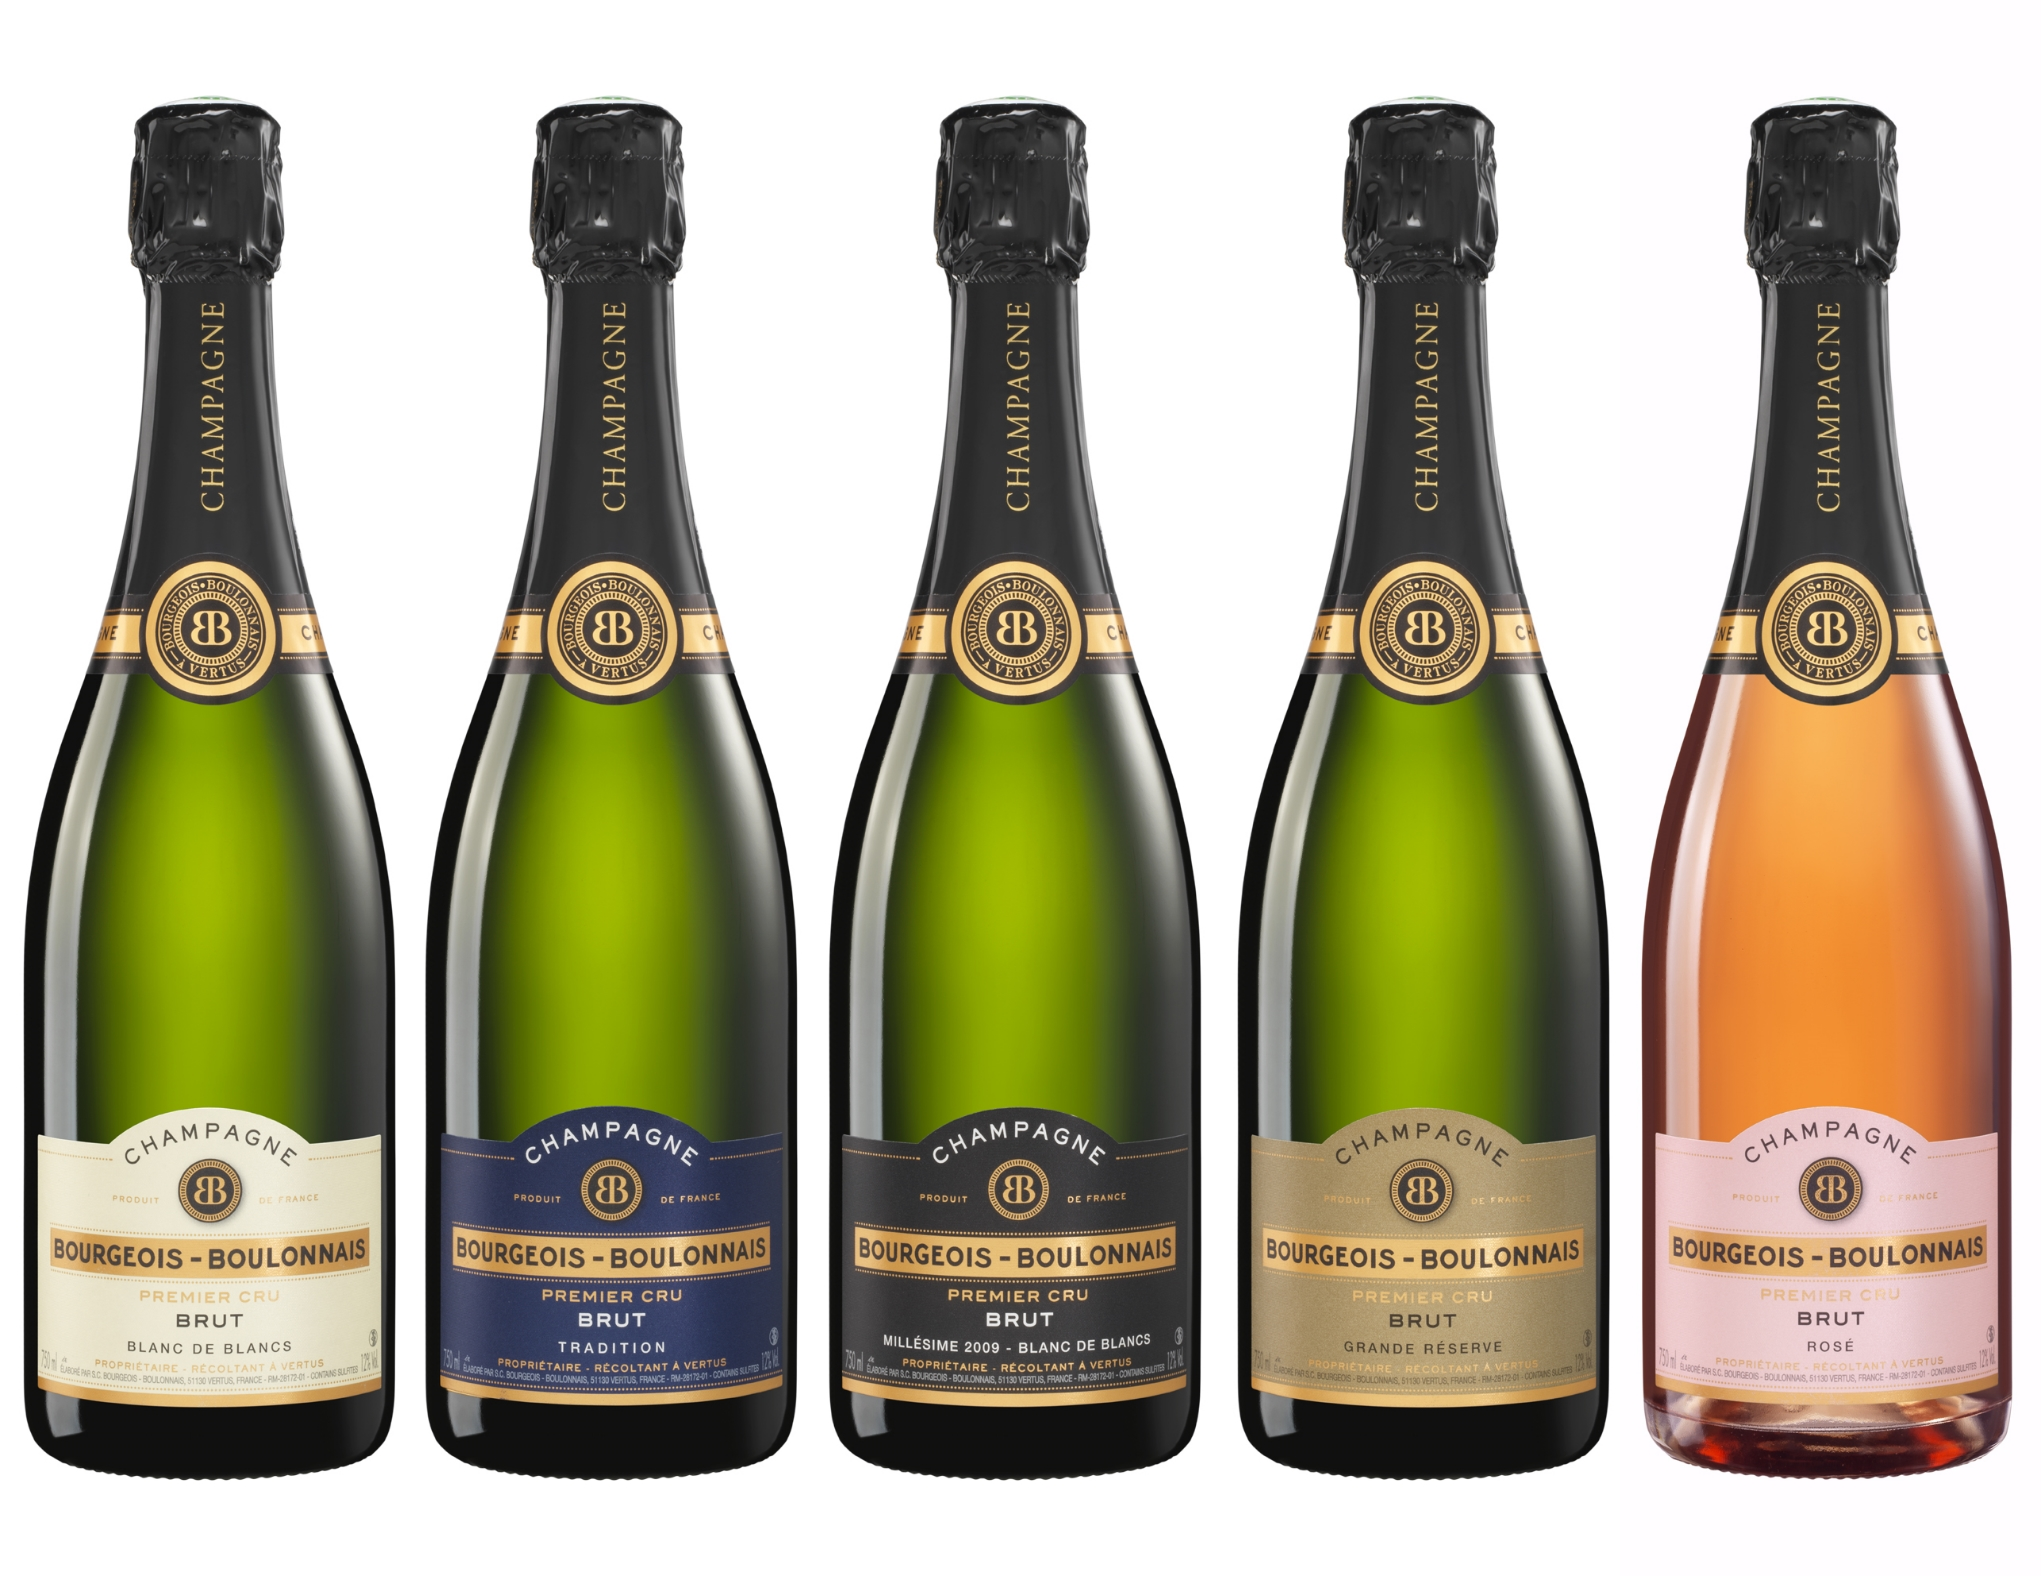 nouvelles bouteilles de champagne